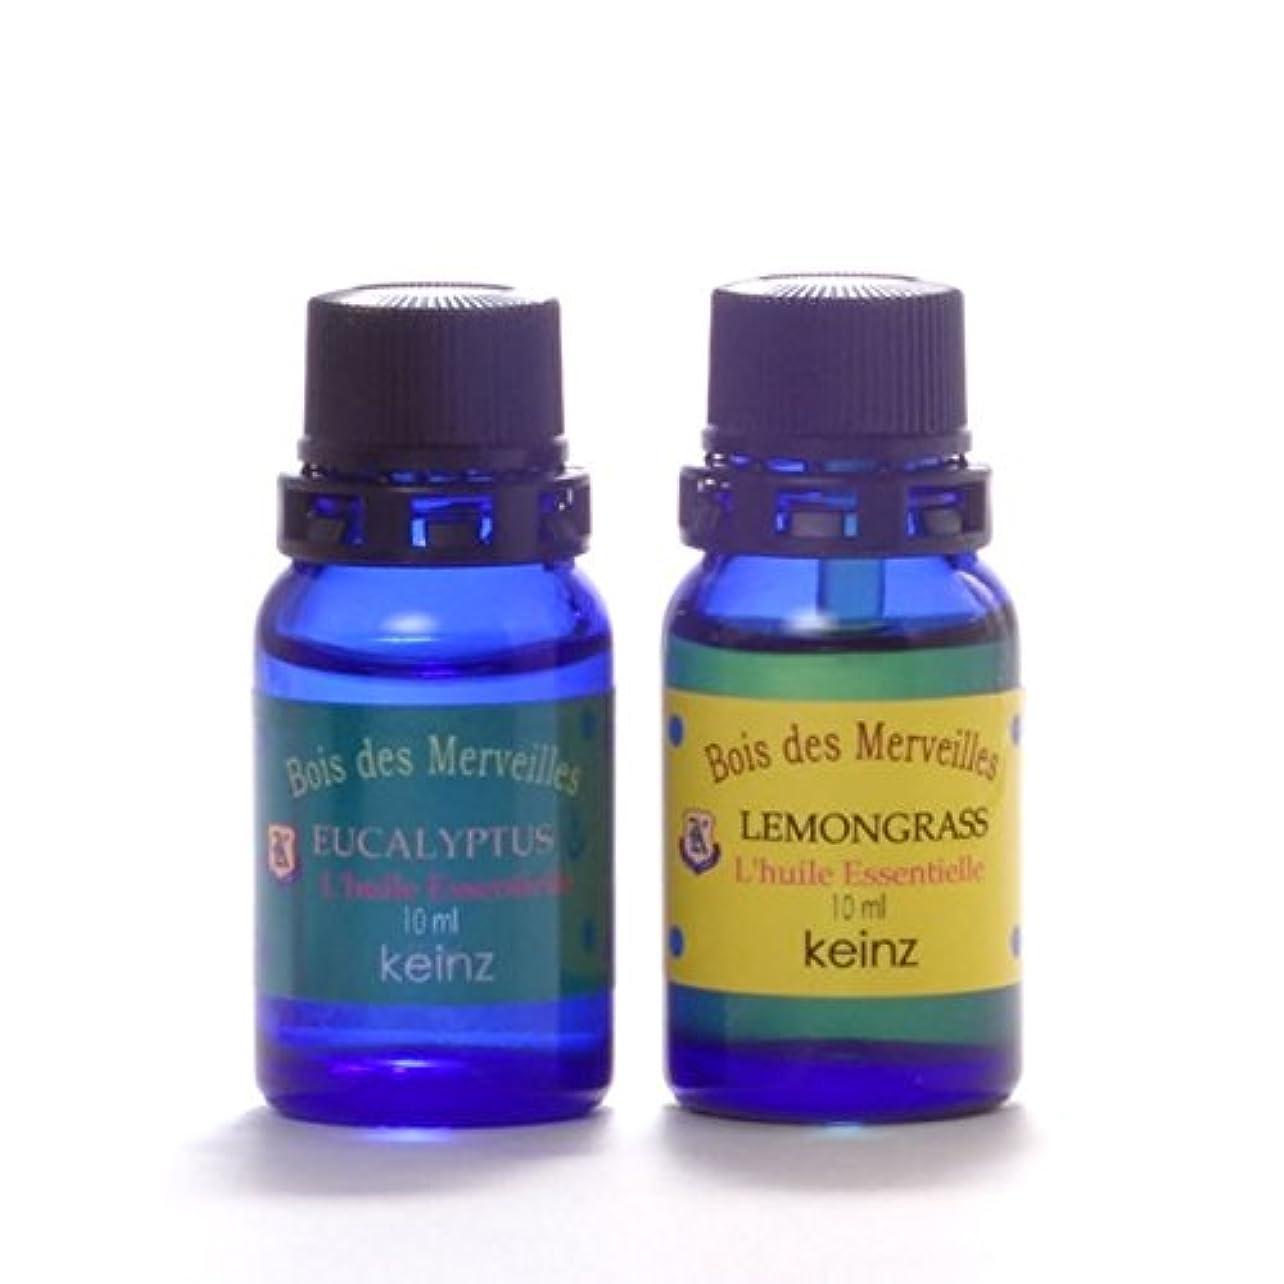 シーンパネル構成するkeinzエッセンシャルオイル「ユーカリプタス10ml&レモングラス10ml」2種1セット ケインズ正規品 製造国アメリカ 完全無添加 人工香料は使っていません。